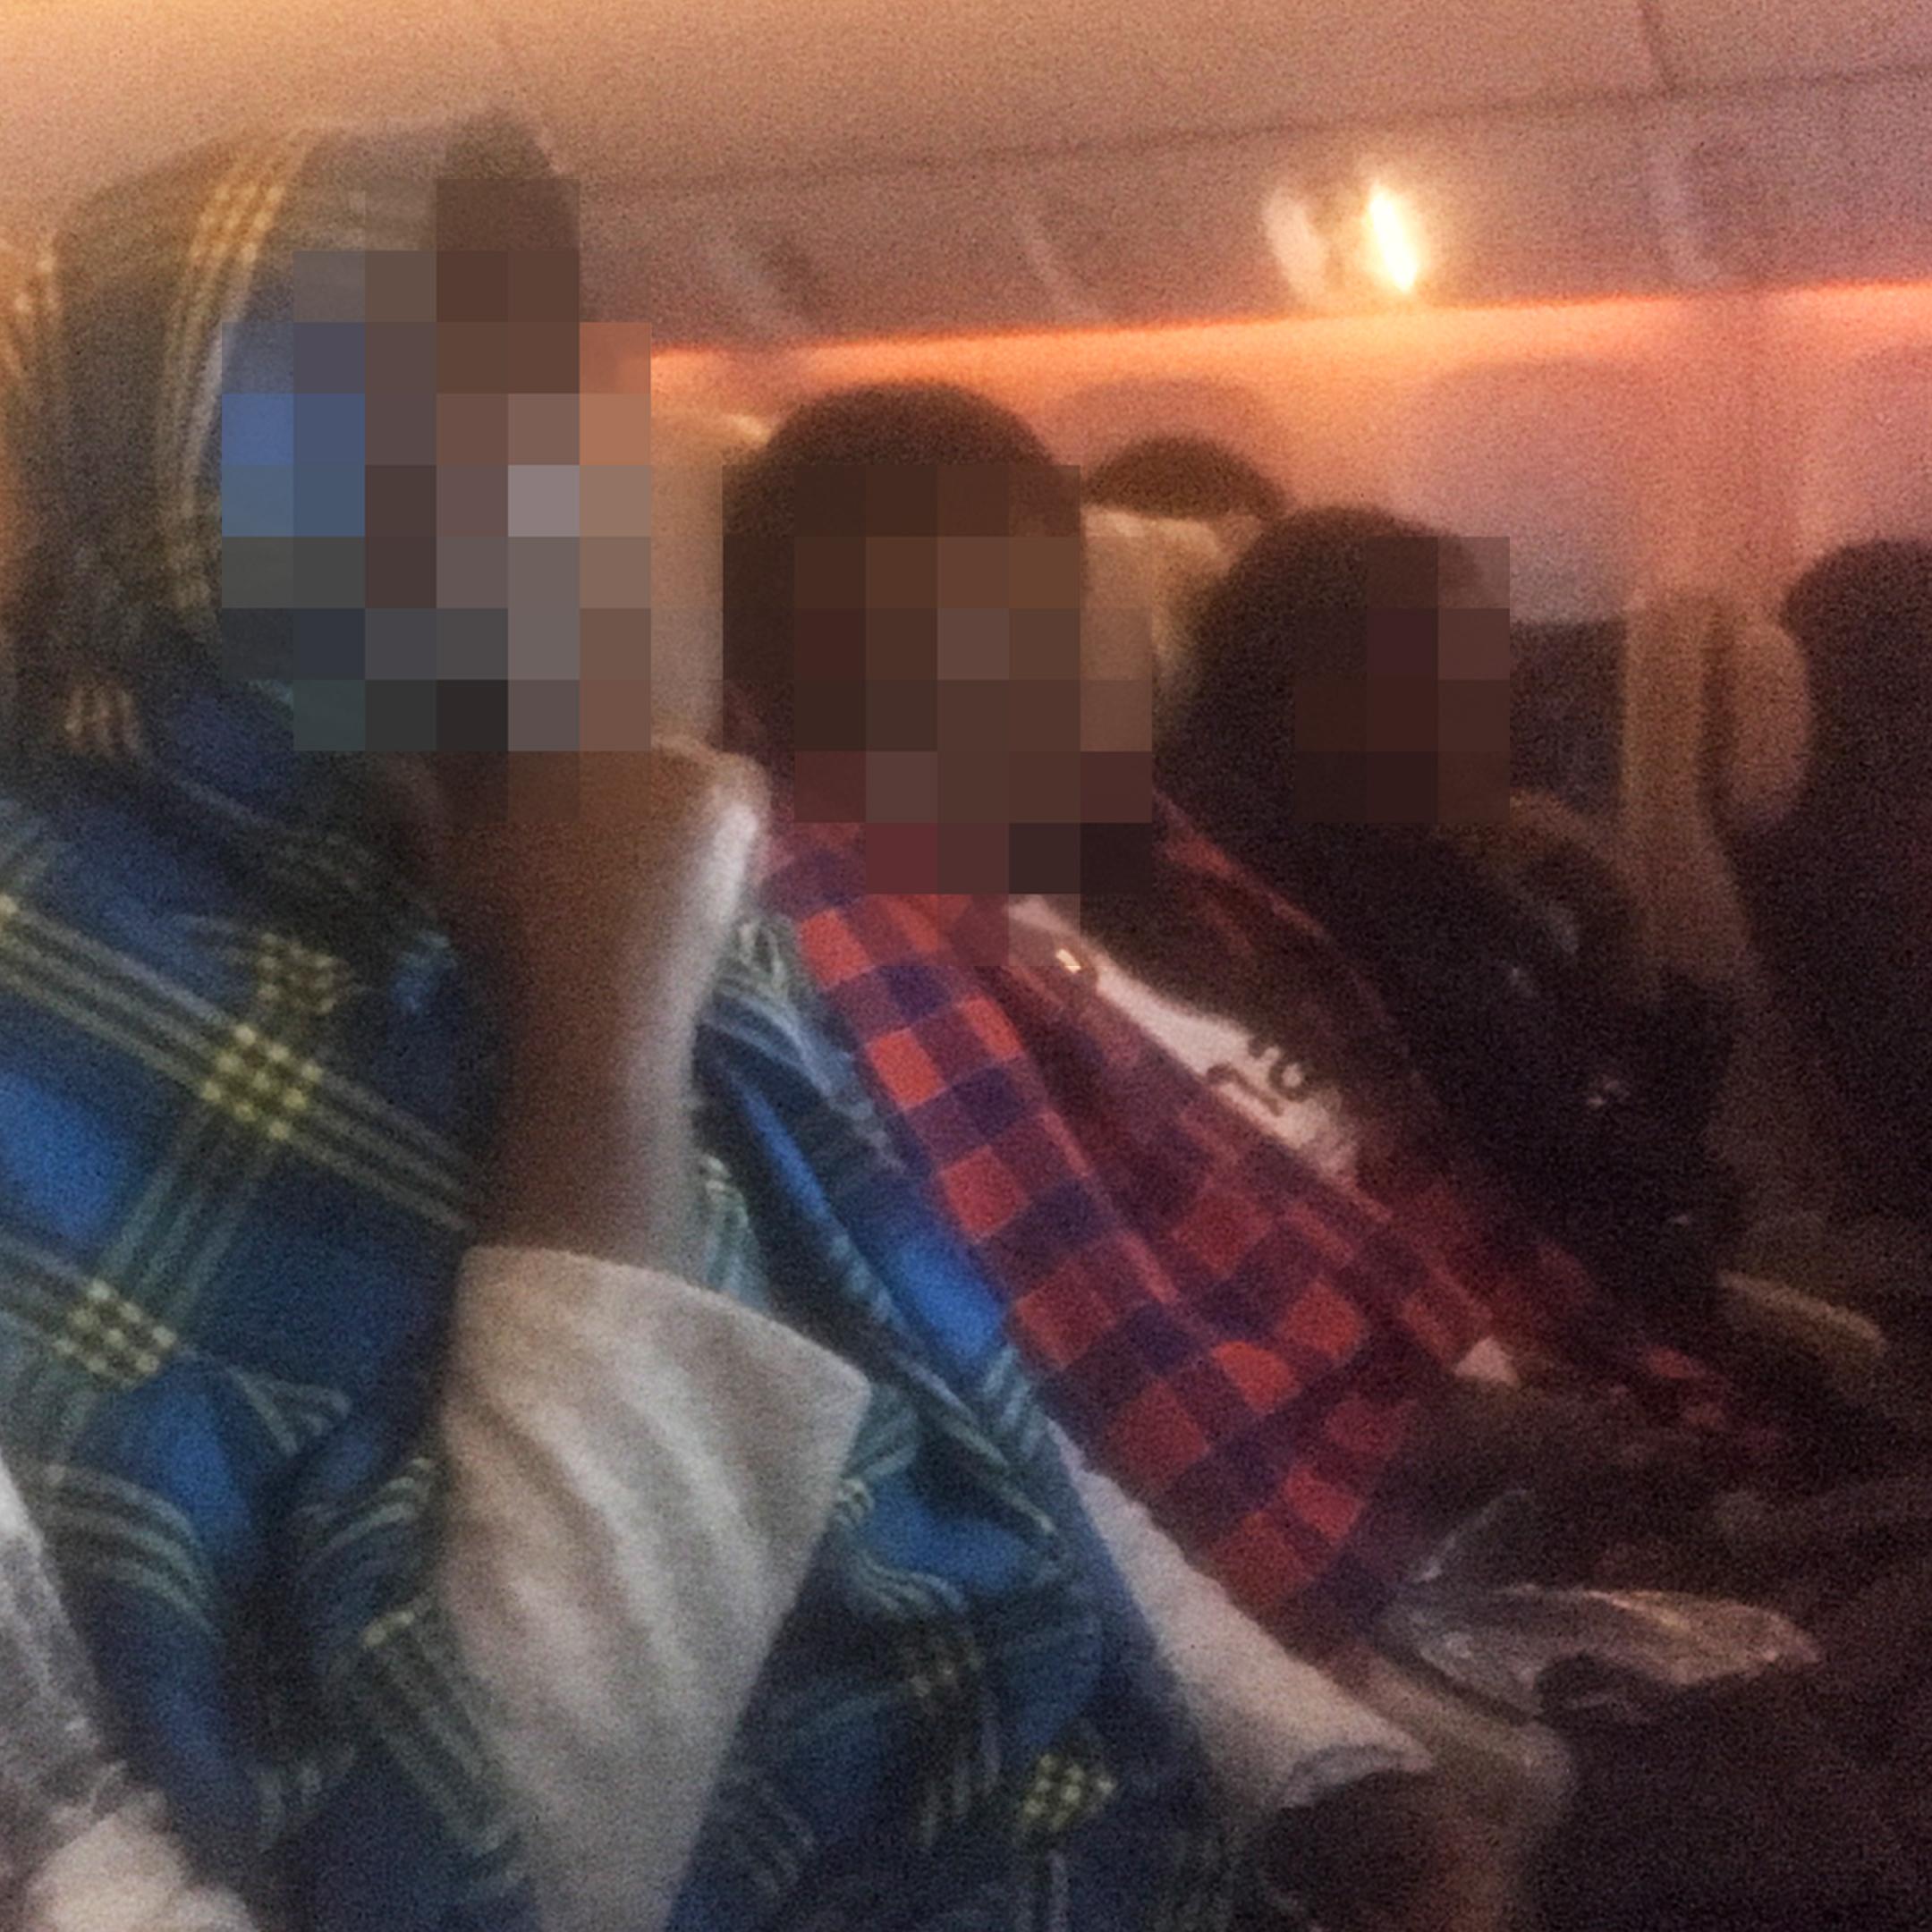 Real image of Kenyan women traveling to Saudi Arabia on an airplane.